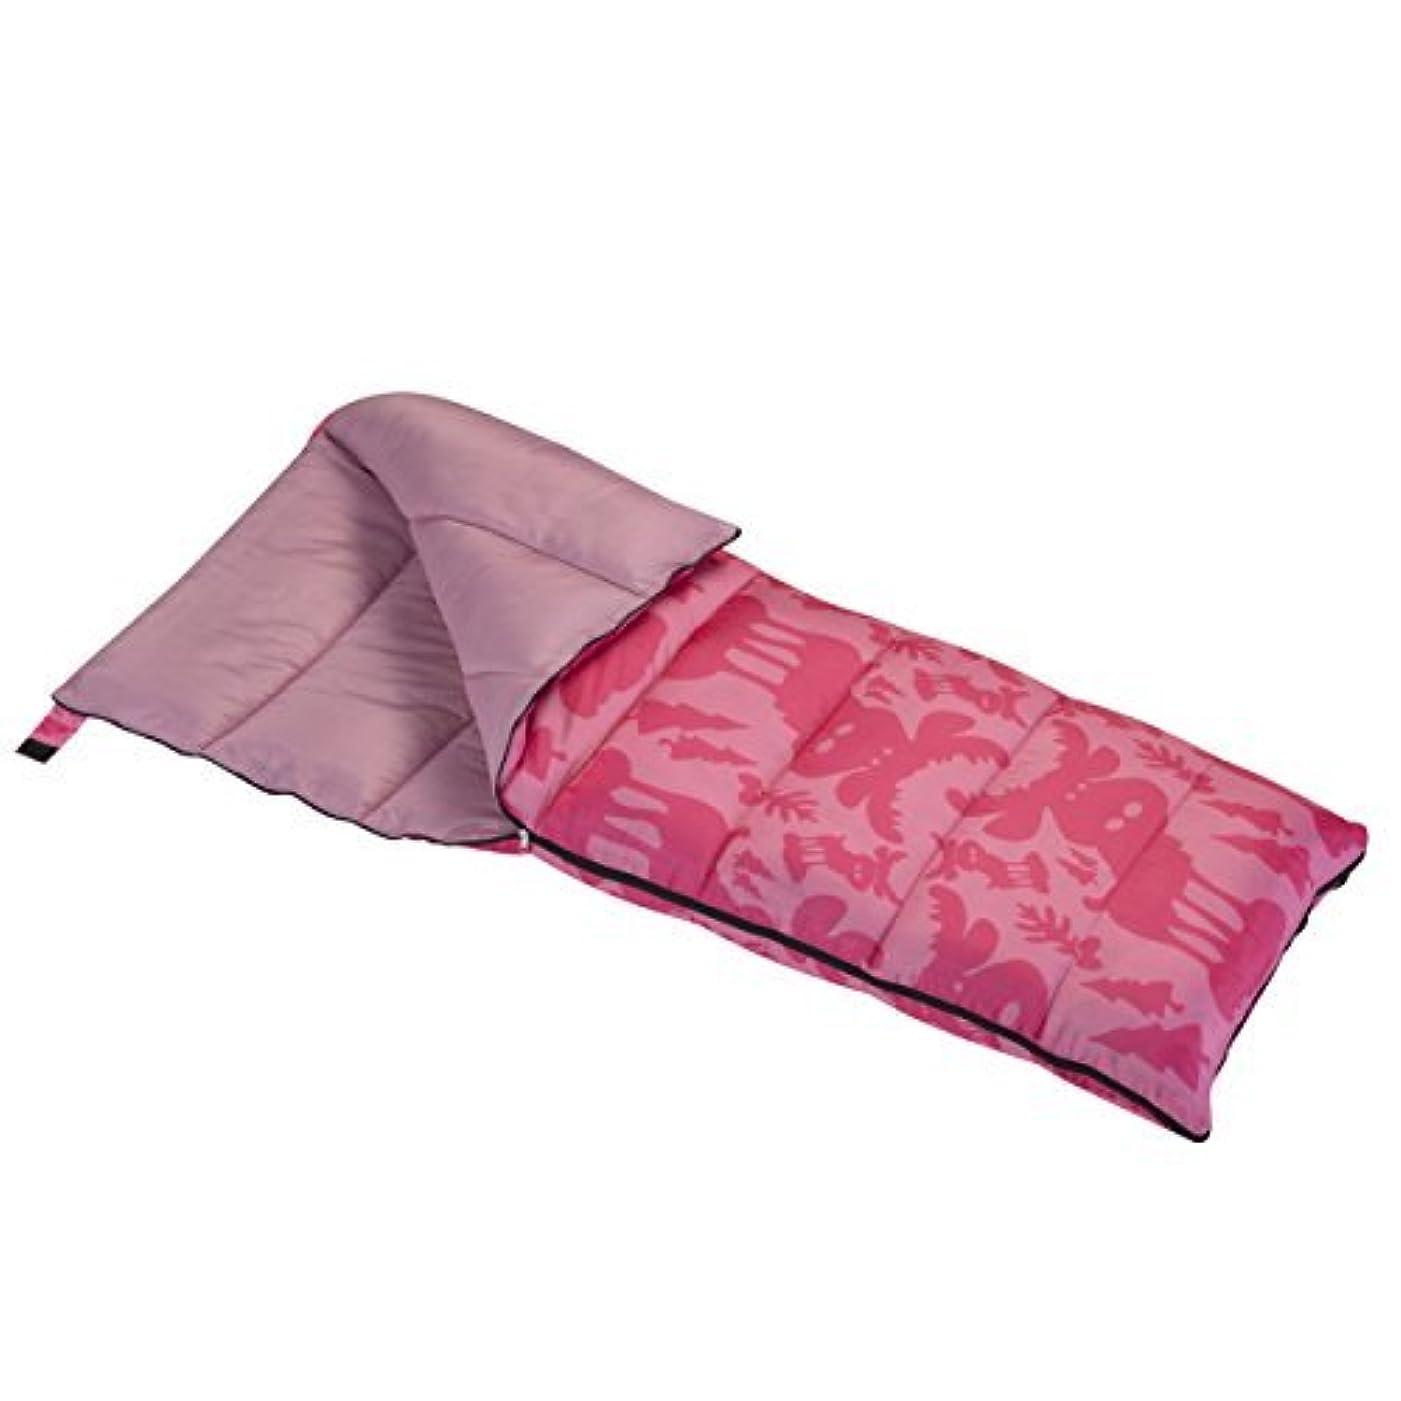 舌説教する弁護士Wenzel Moose 40 Degree Sleeping Bag - Pink [並行輸入品]